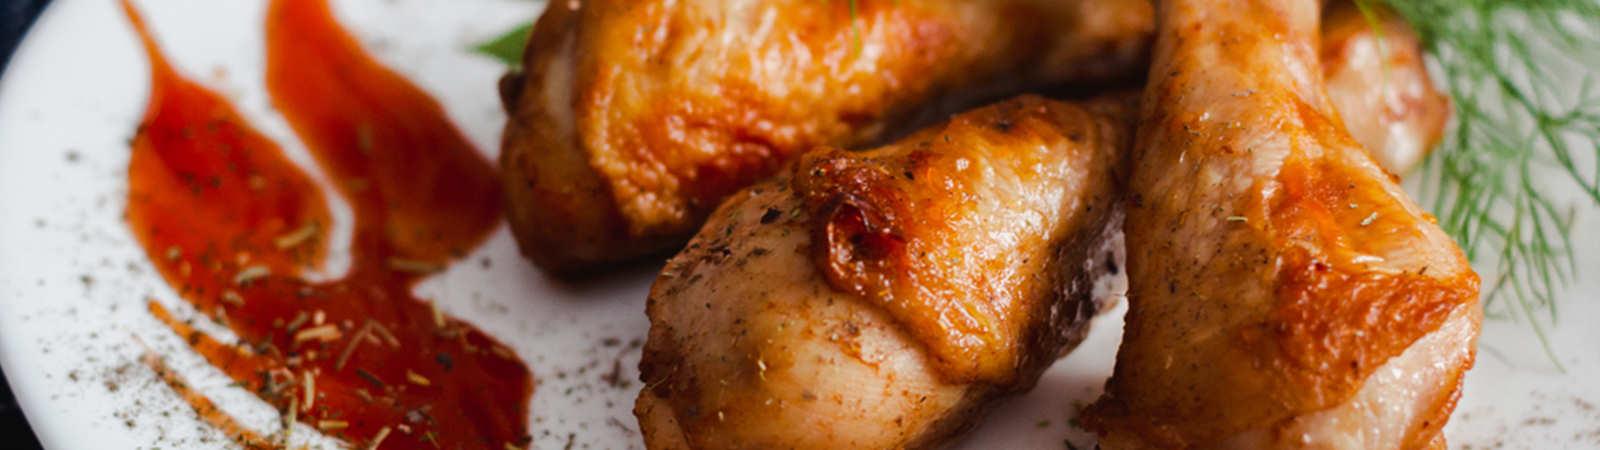 Bir Kâse Salata Yanında: Acılı Tavuk Baget